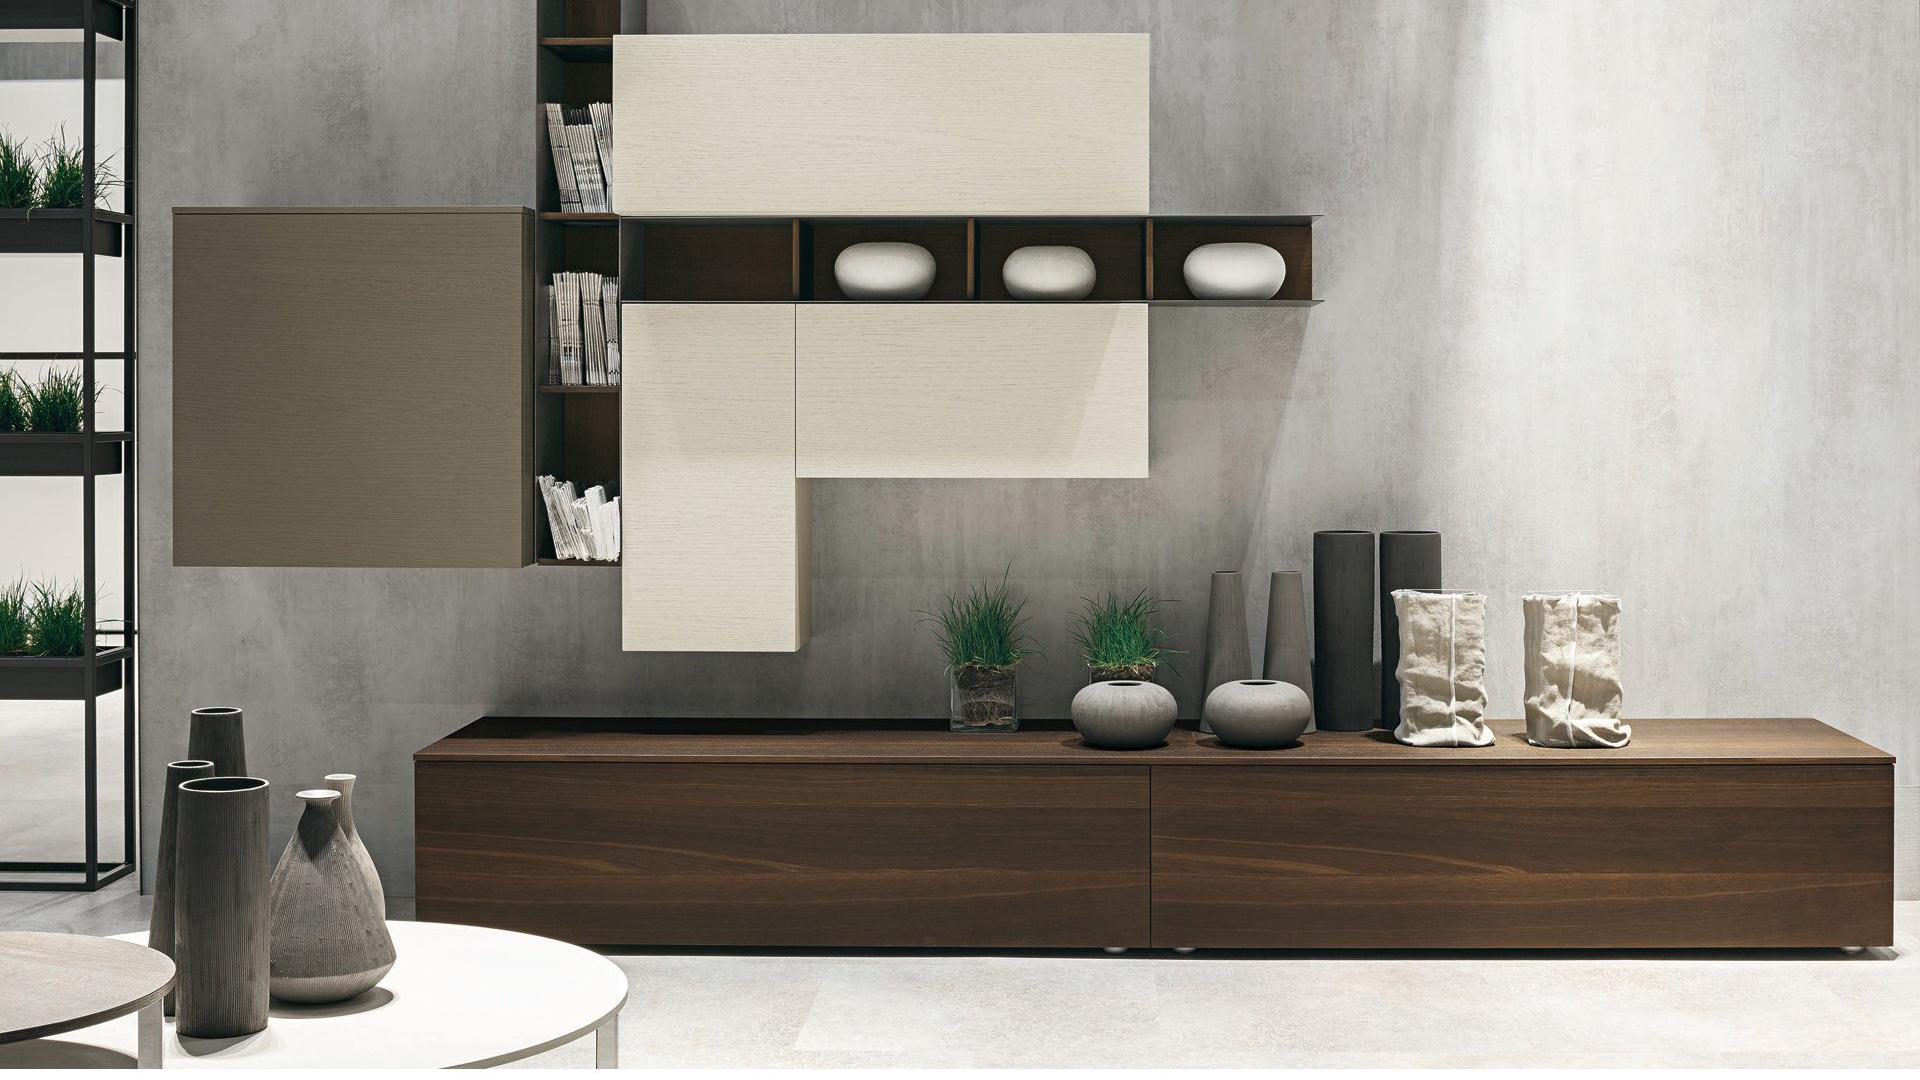 Arredamenti e idee per la casa arredamenti e forniture for Mobili per divani